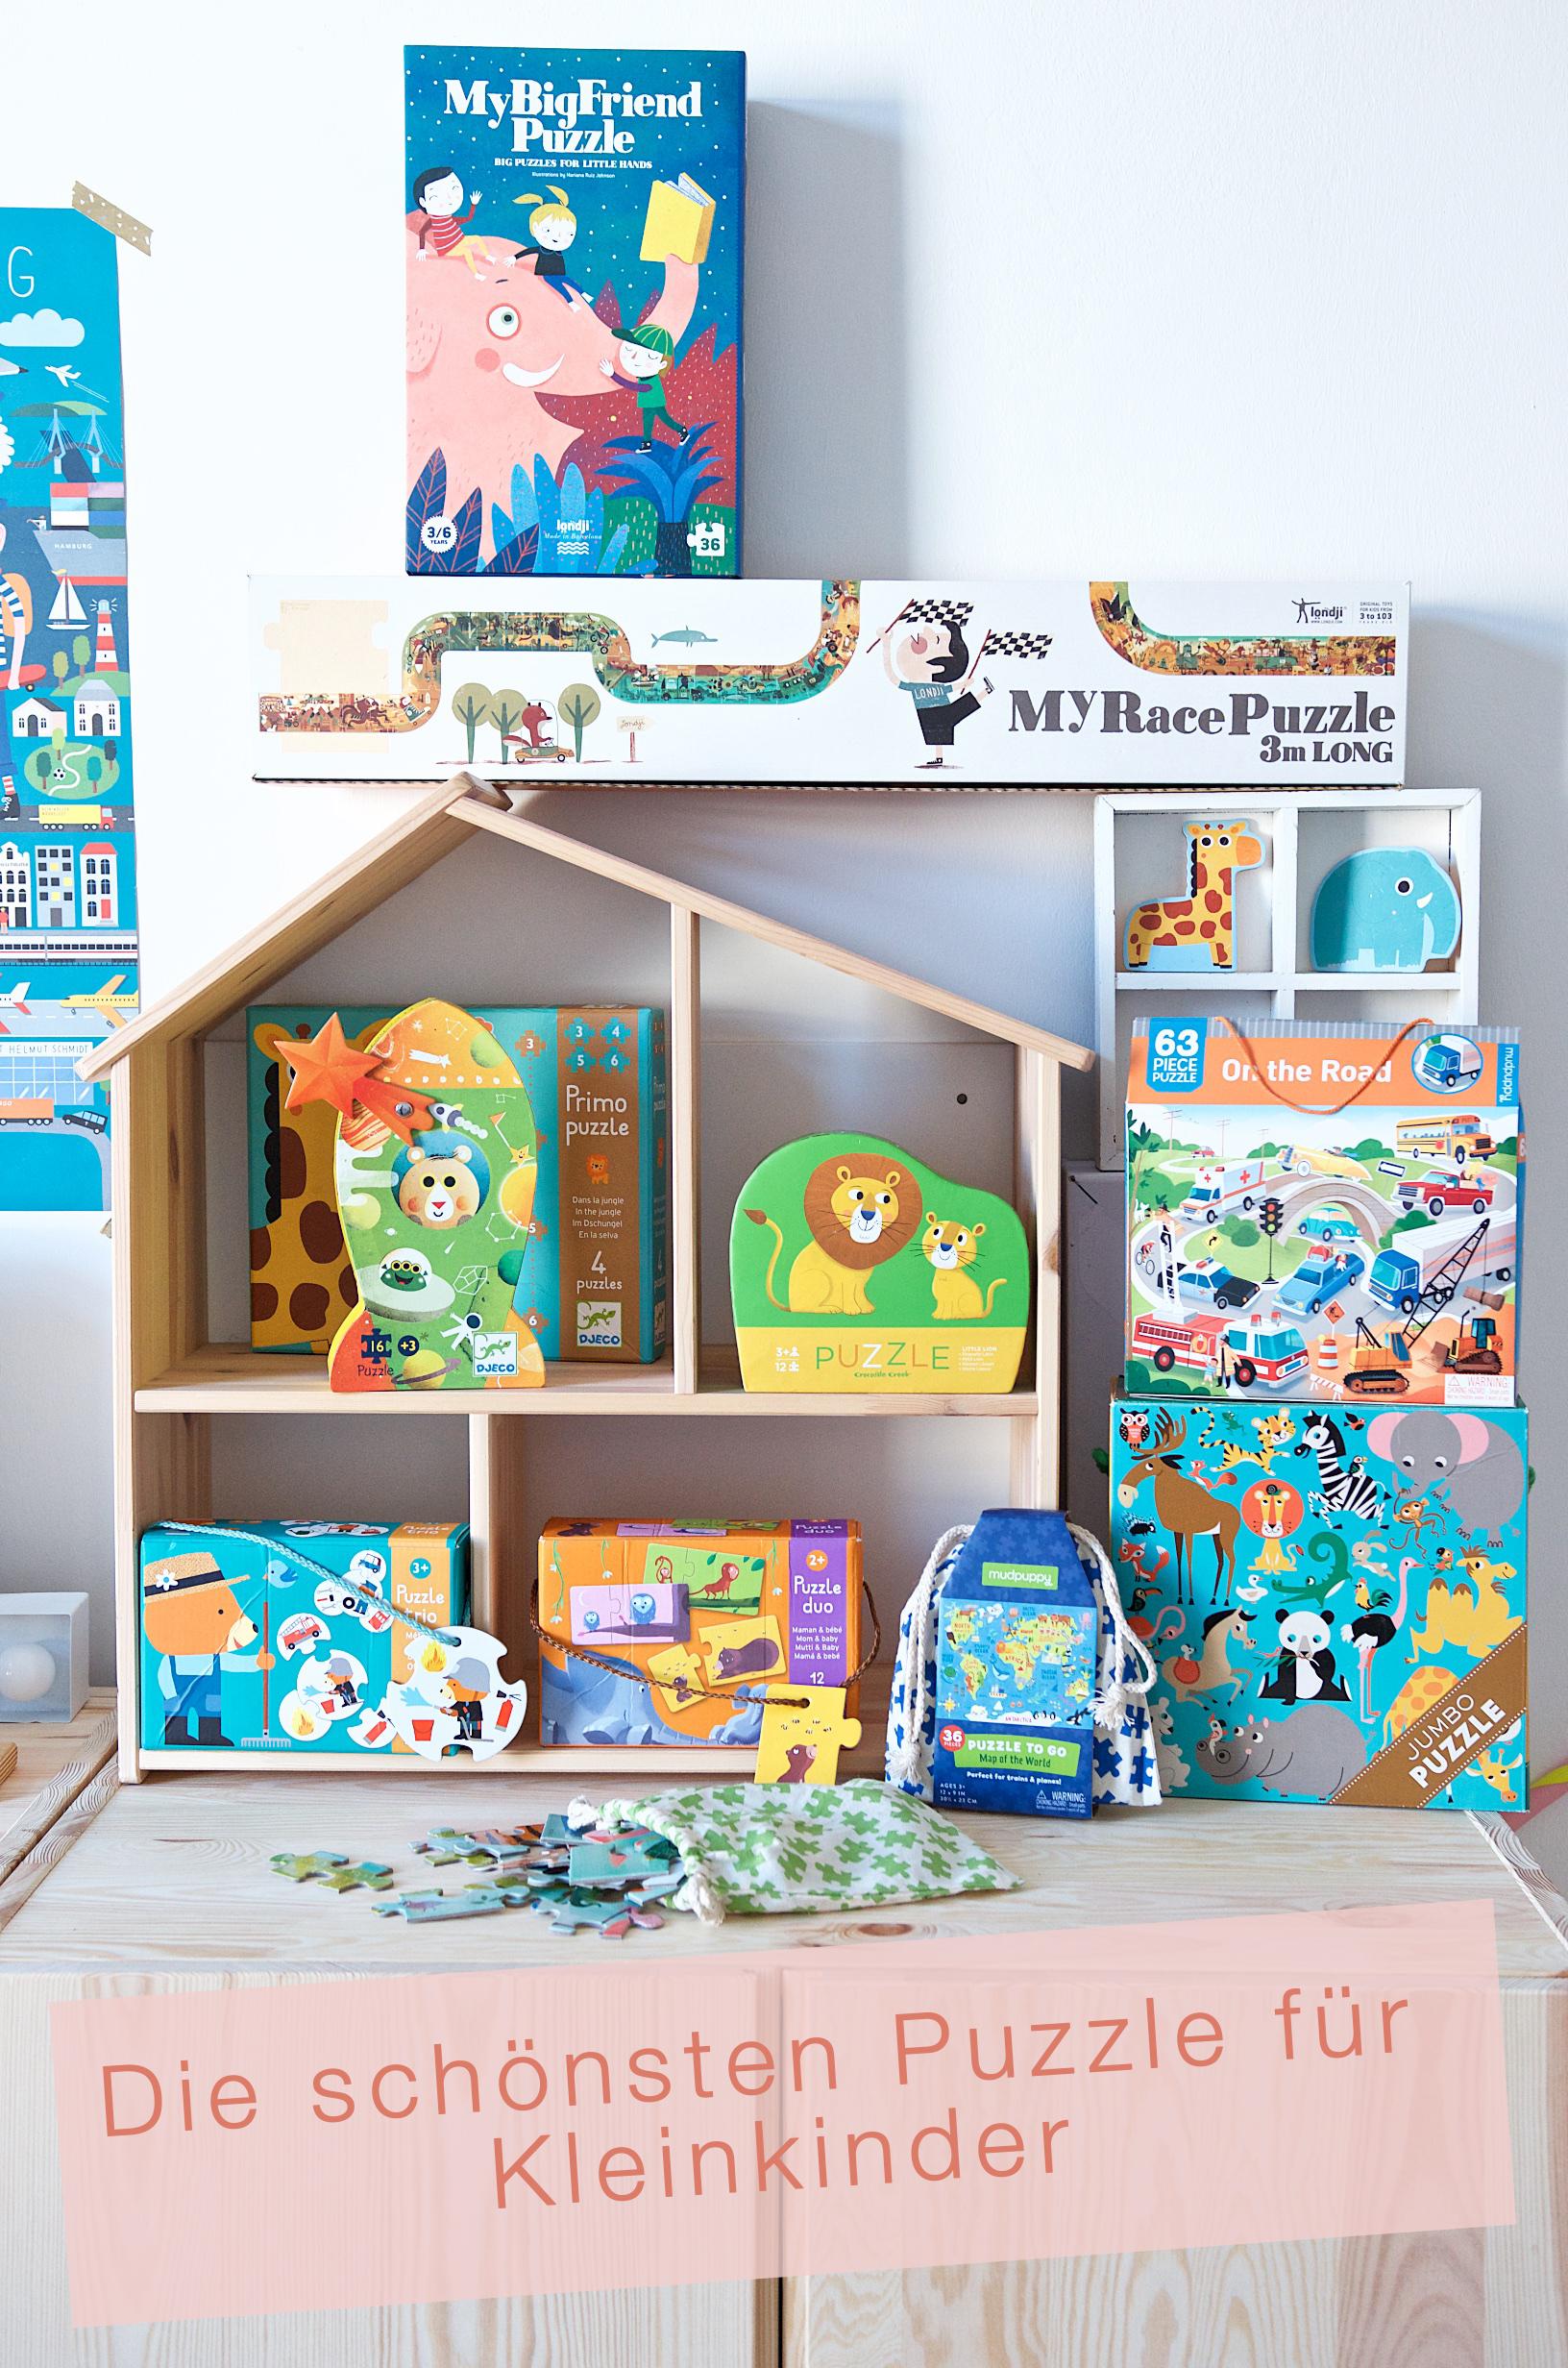 Die schönsten Puzzle für Kleinkinder mit londji, djeco, mudpuppy